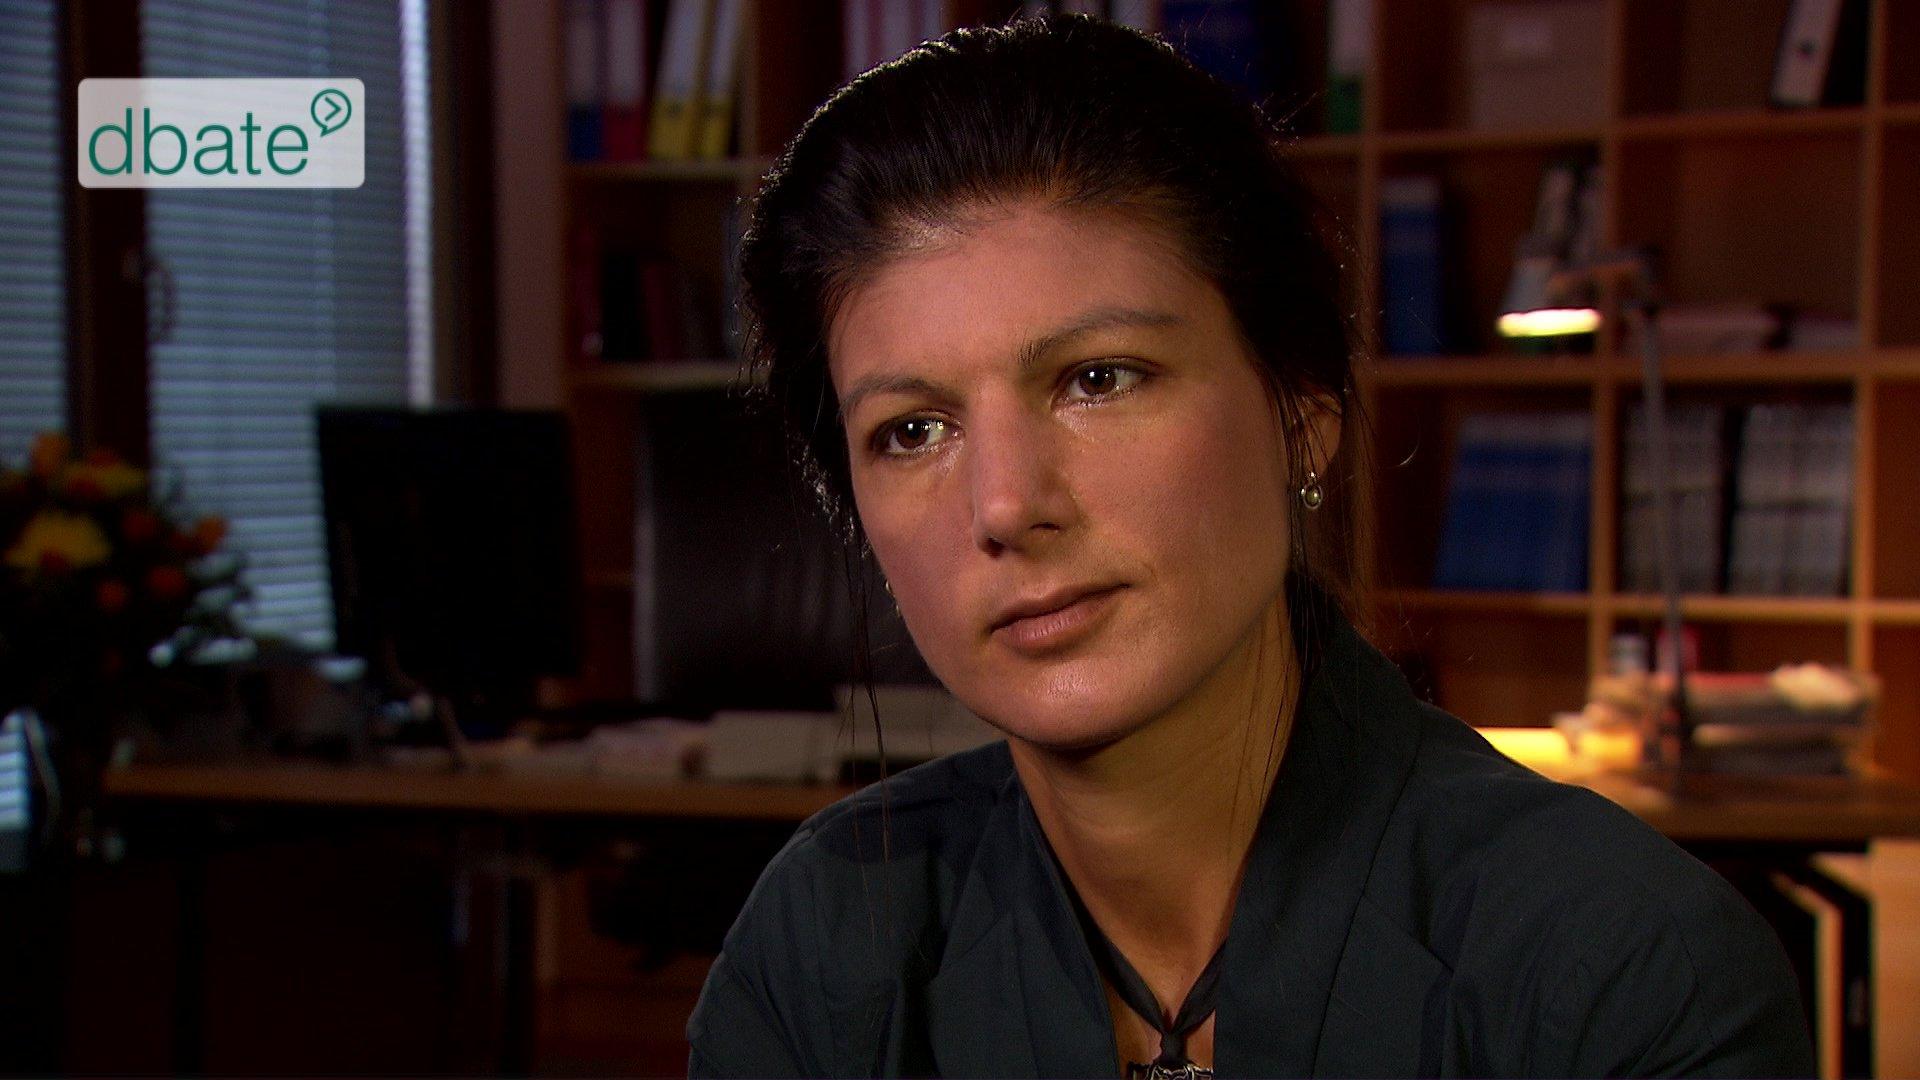 Co-Fraktionsvorsitzende der LINKEN Sahra Wagenknecht im Interview.